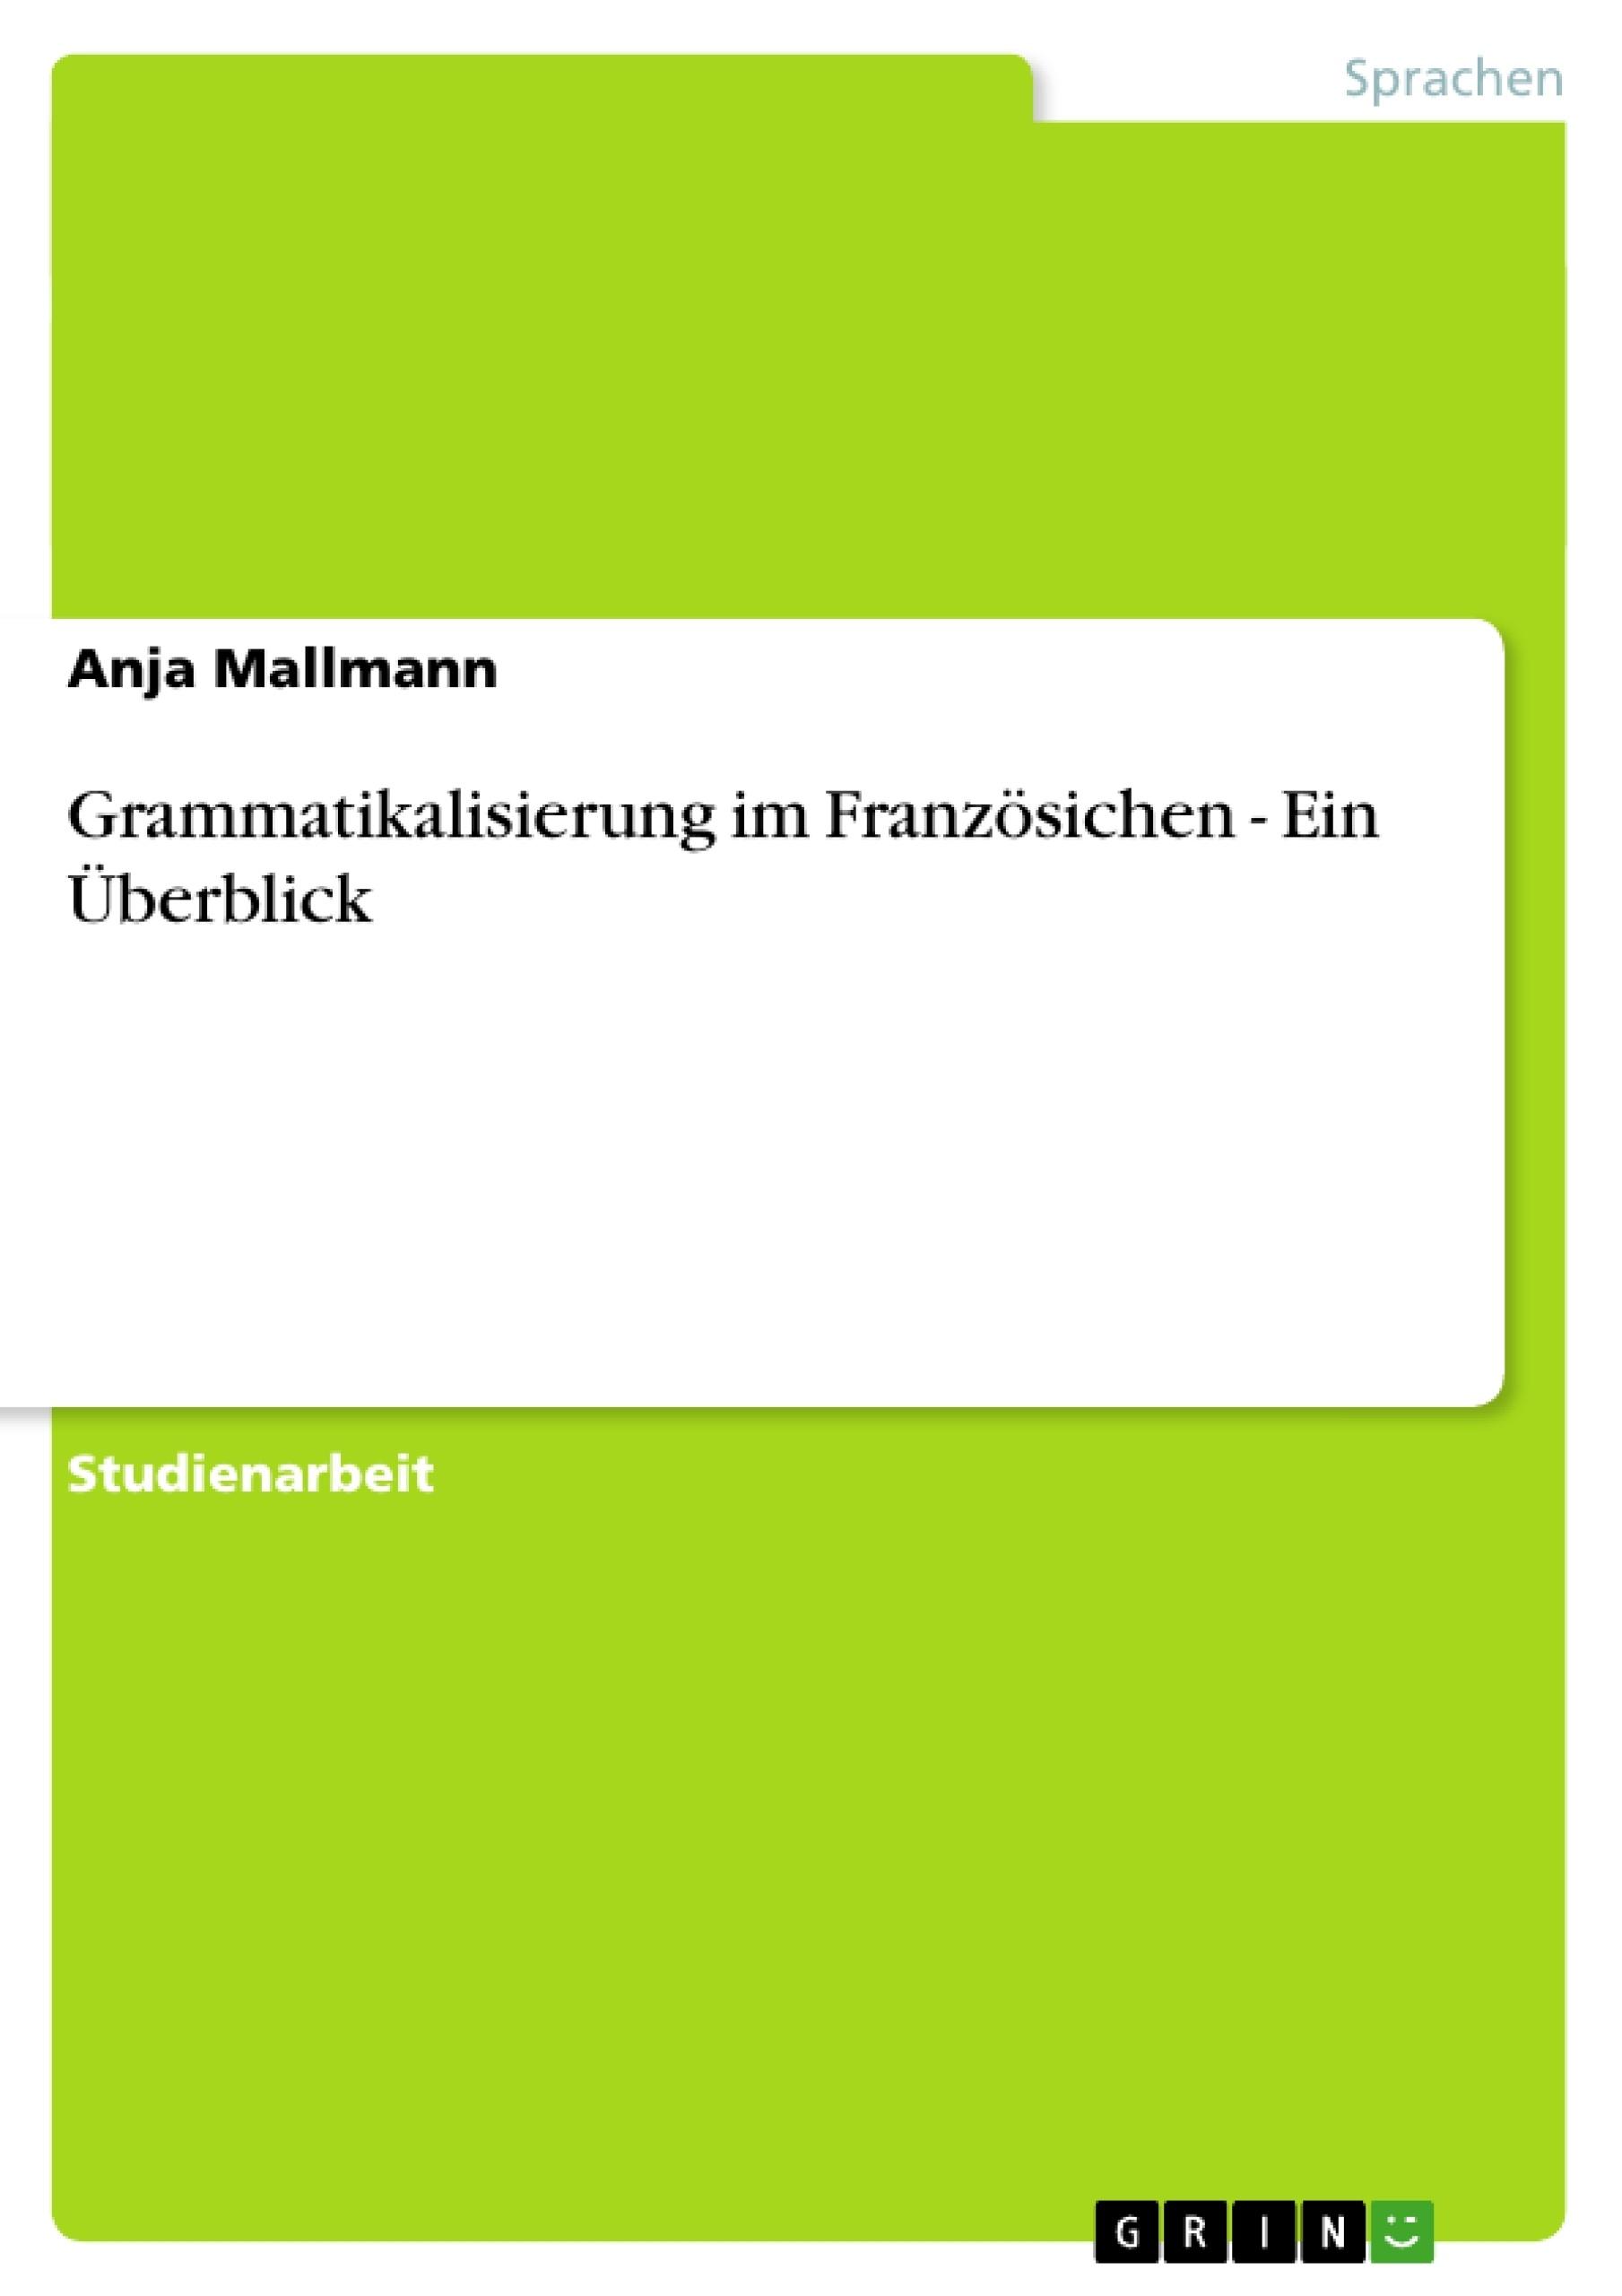 Titel: Grammatikalisierung im Französichen - Ein Überblick